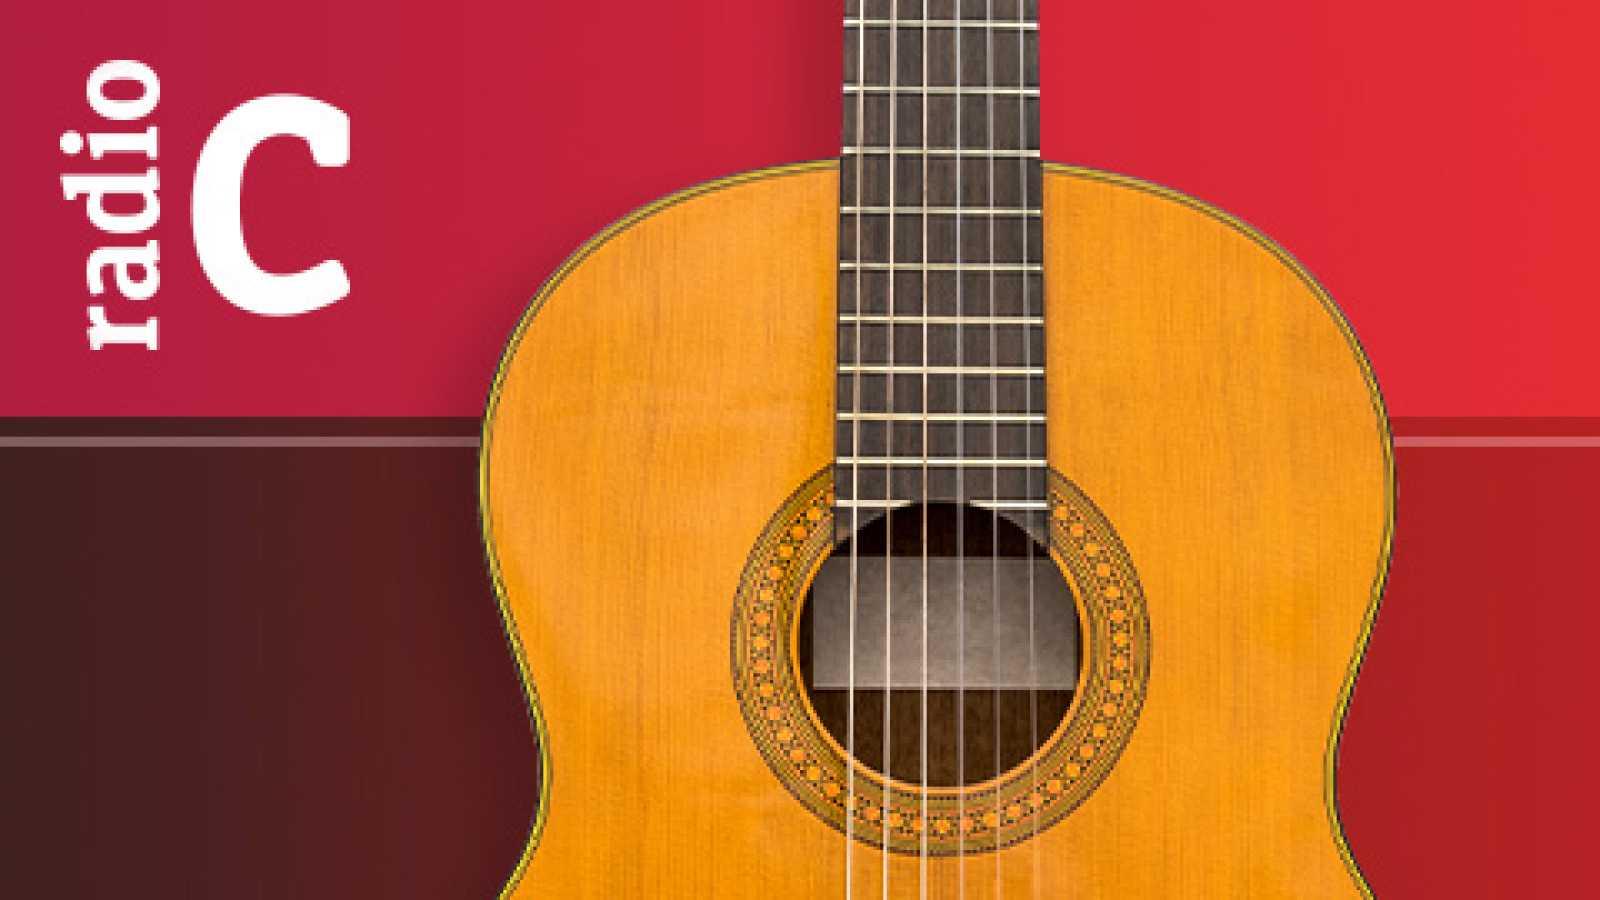 La guitarra - Programa dedicado a la Navidad - 25/12/11 - Escuchar ahora